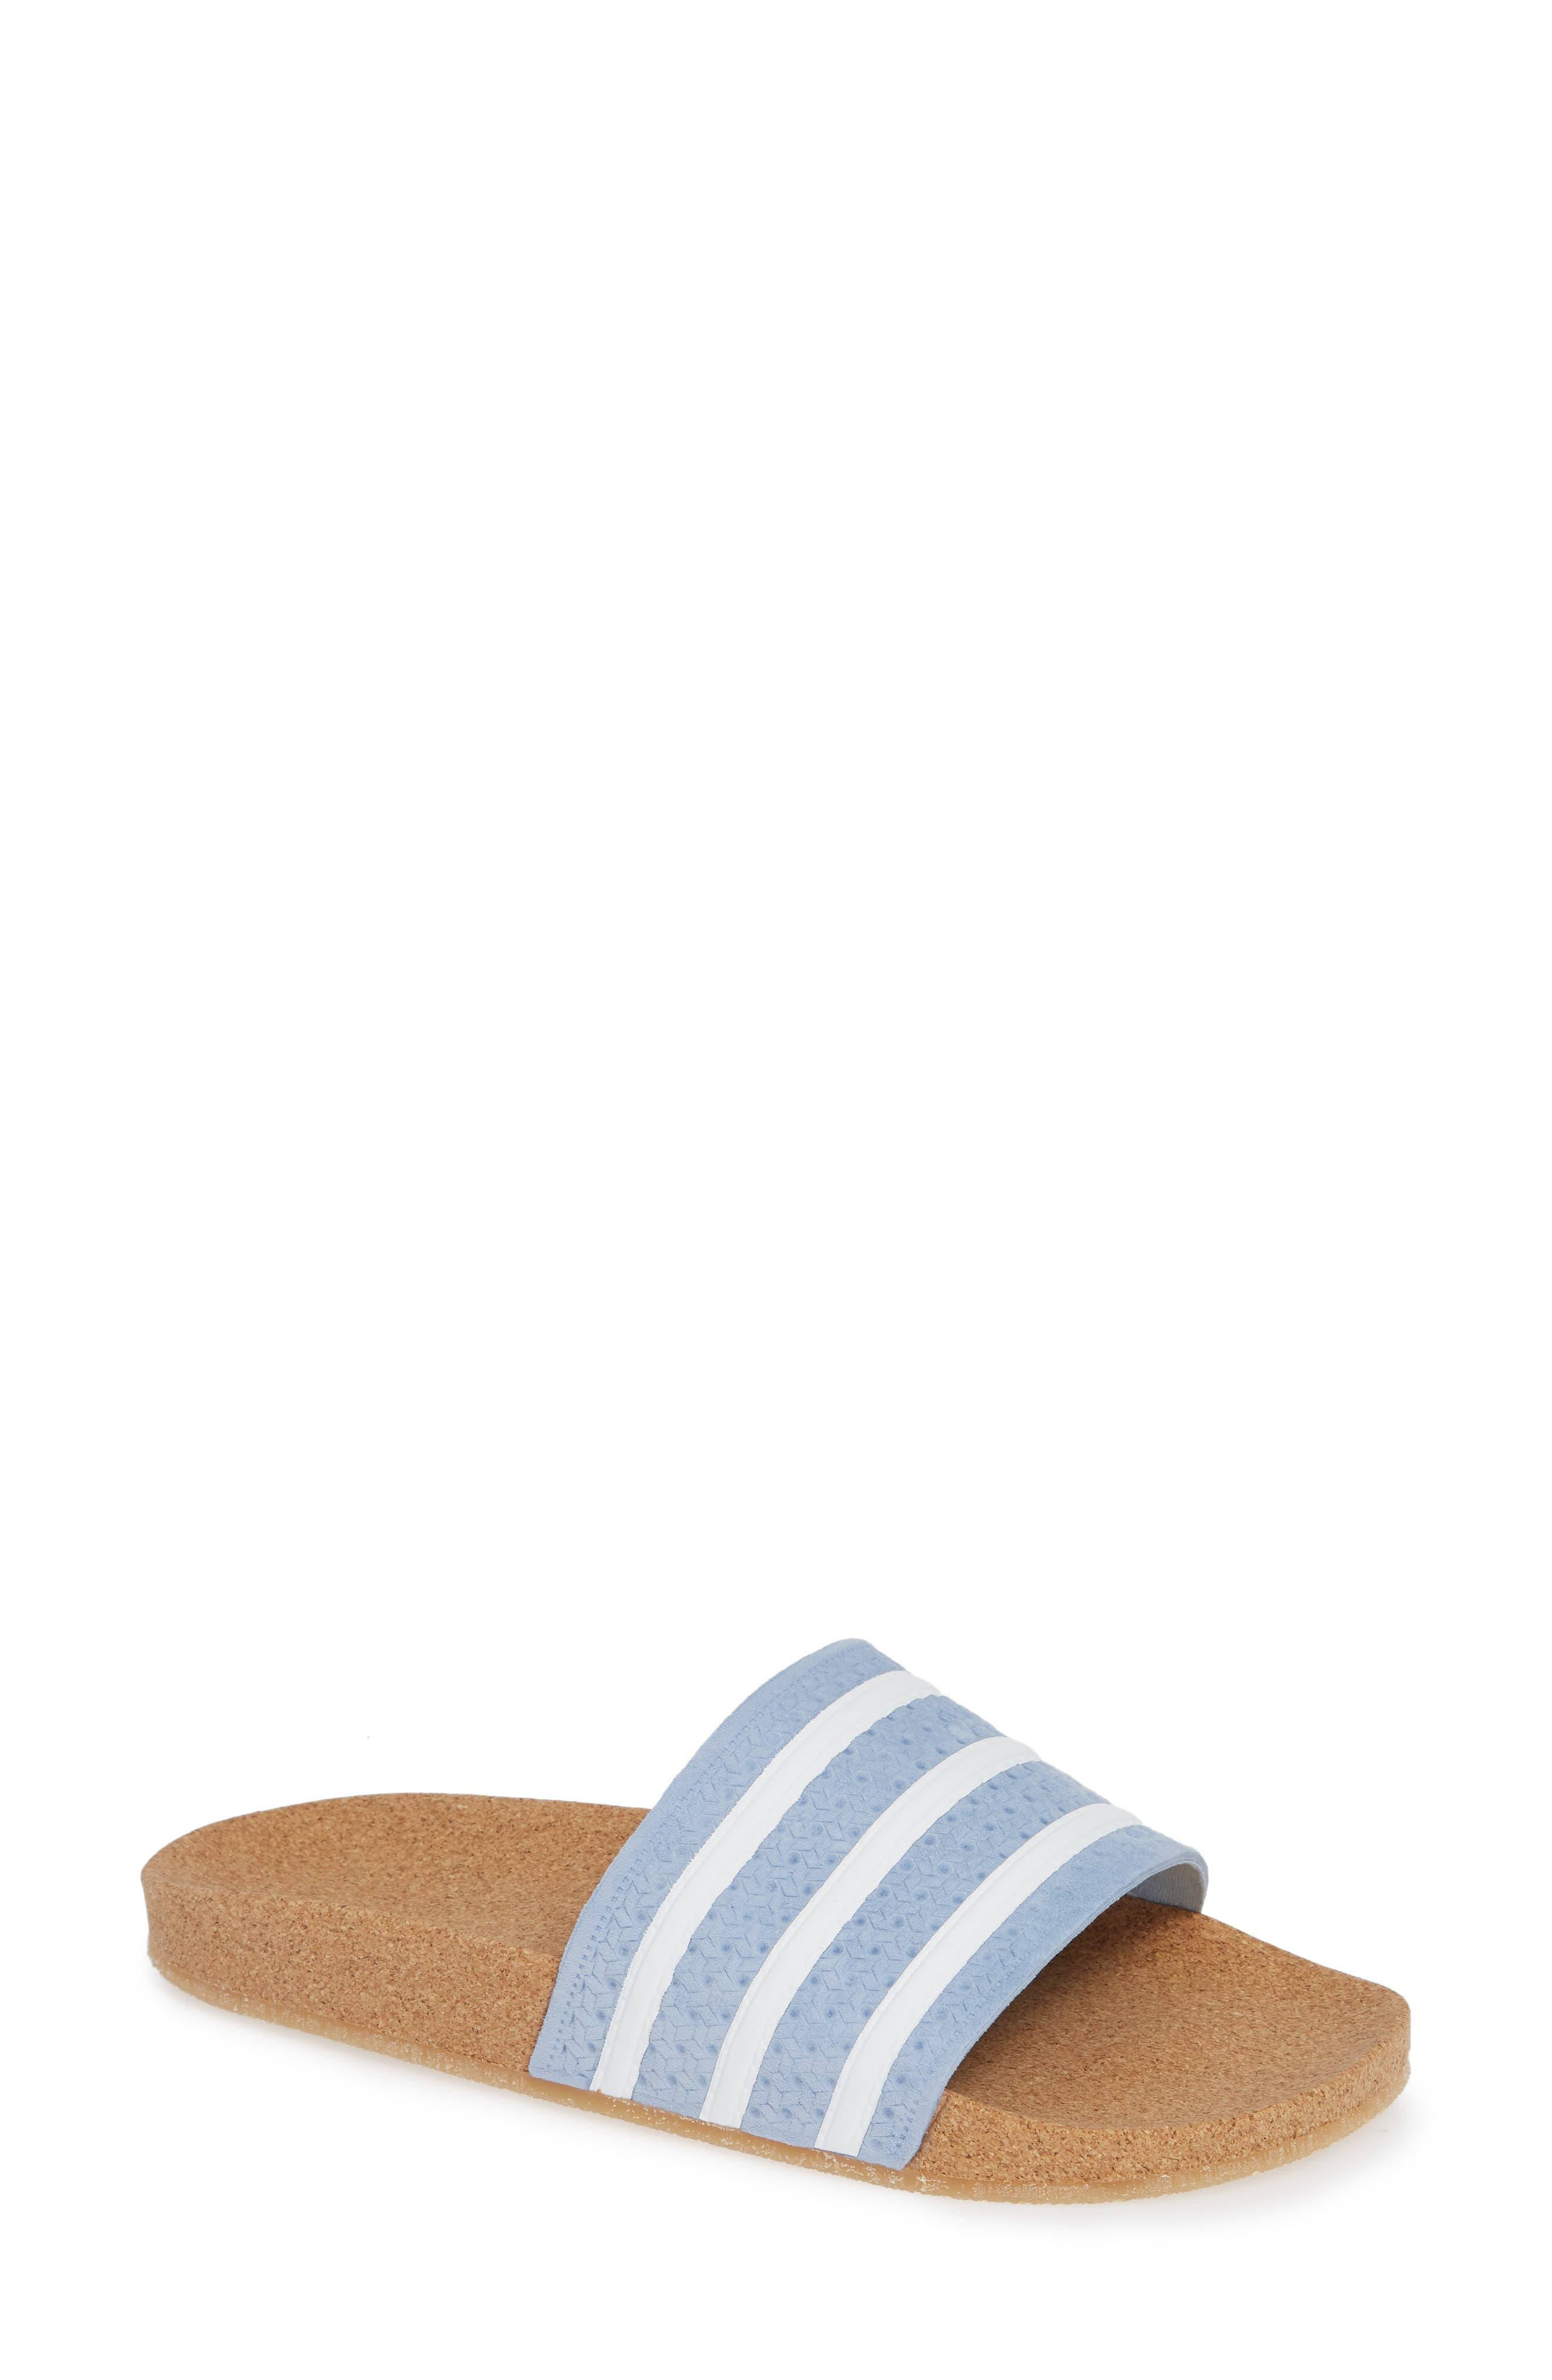 Adilette Slide Sandal,                         Main,                         color, 459